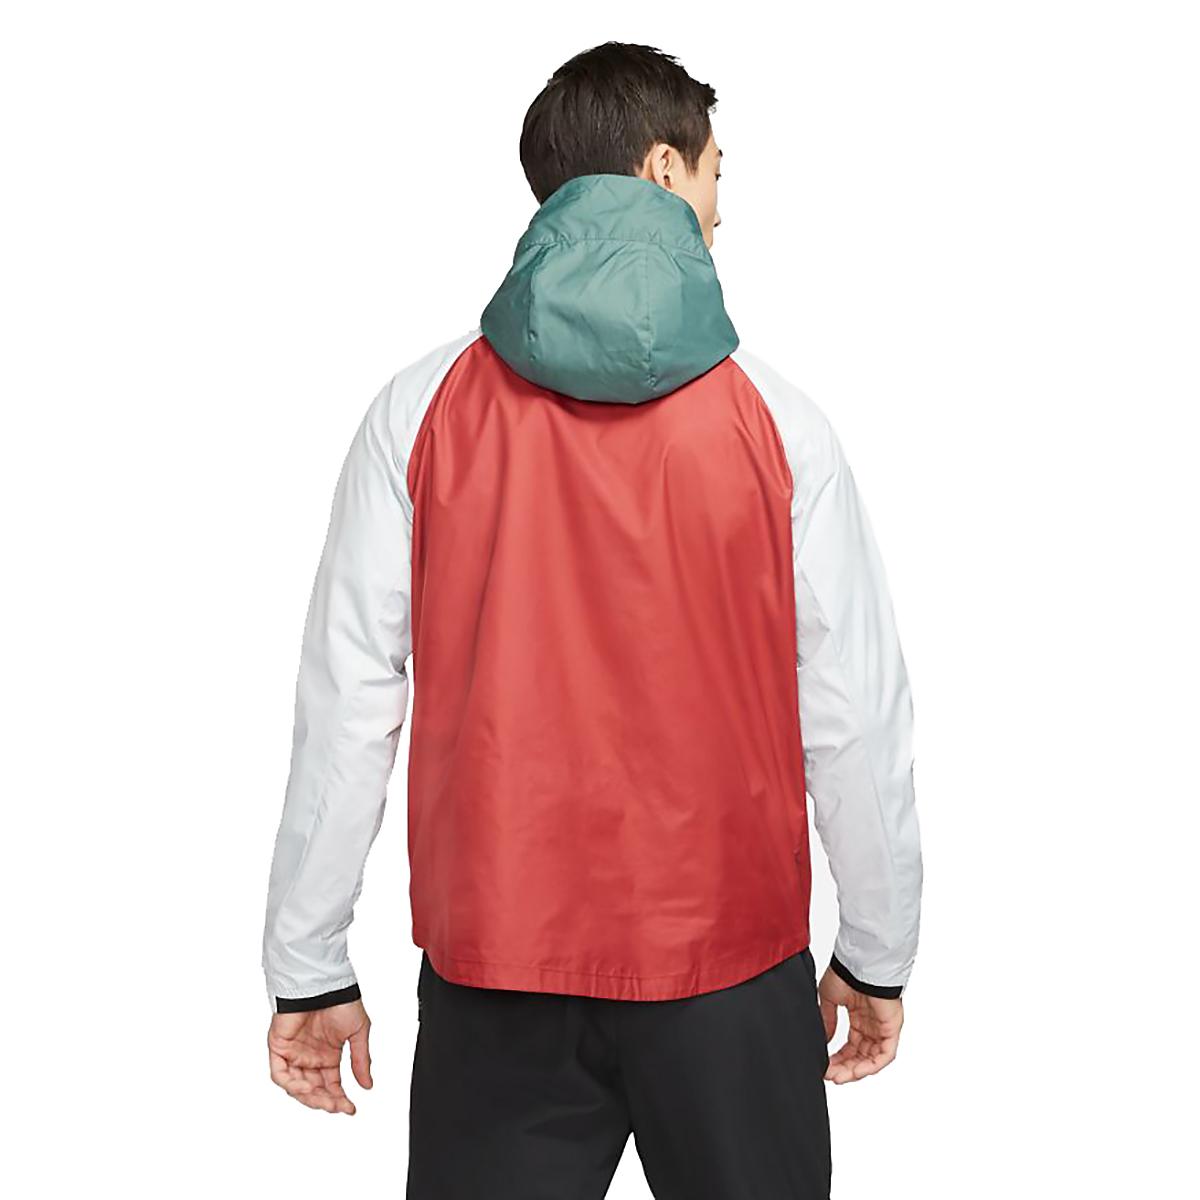 Men's Nike Windrunner Trail Running Jacket, , large, image 2